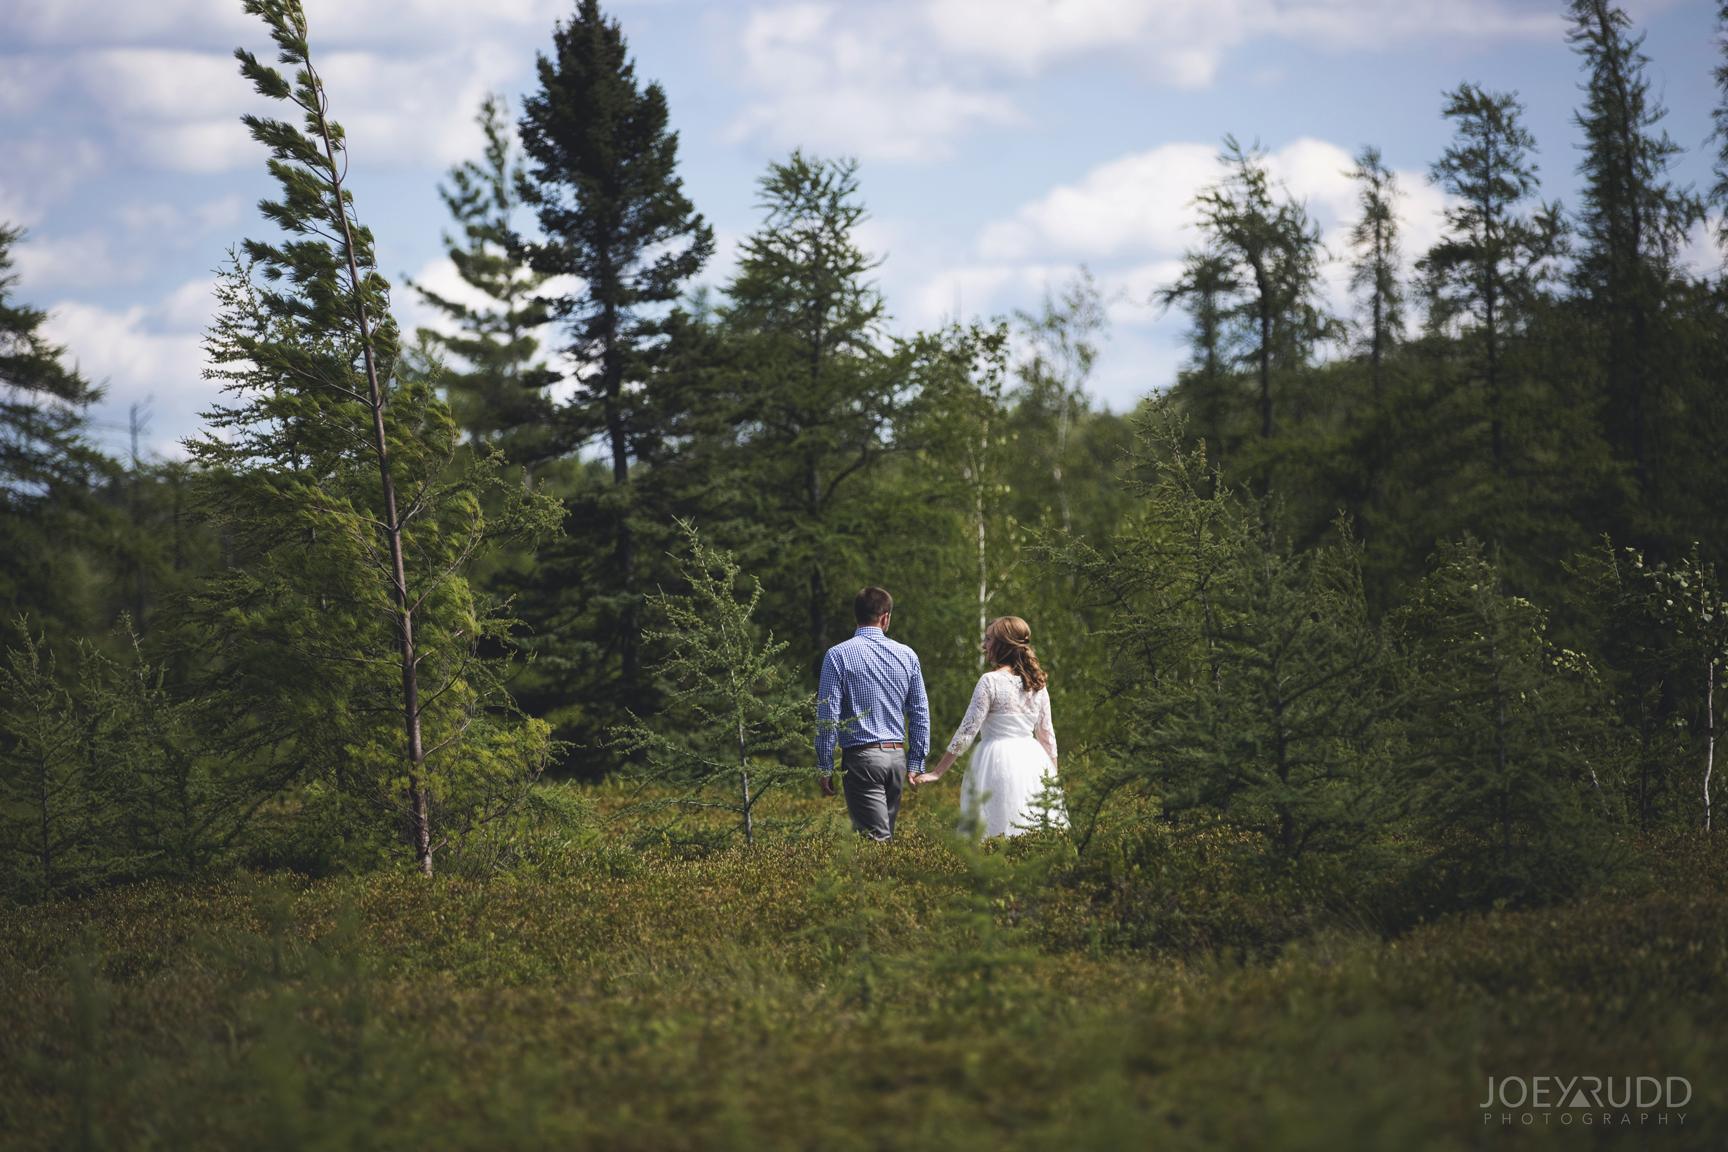 Ottawa Elopement by Joey Rudd Photography Ottawa Wedding Photographer Mer Bleue Ottawa Wedding Chapel Nature Hike